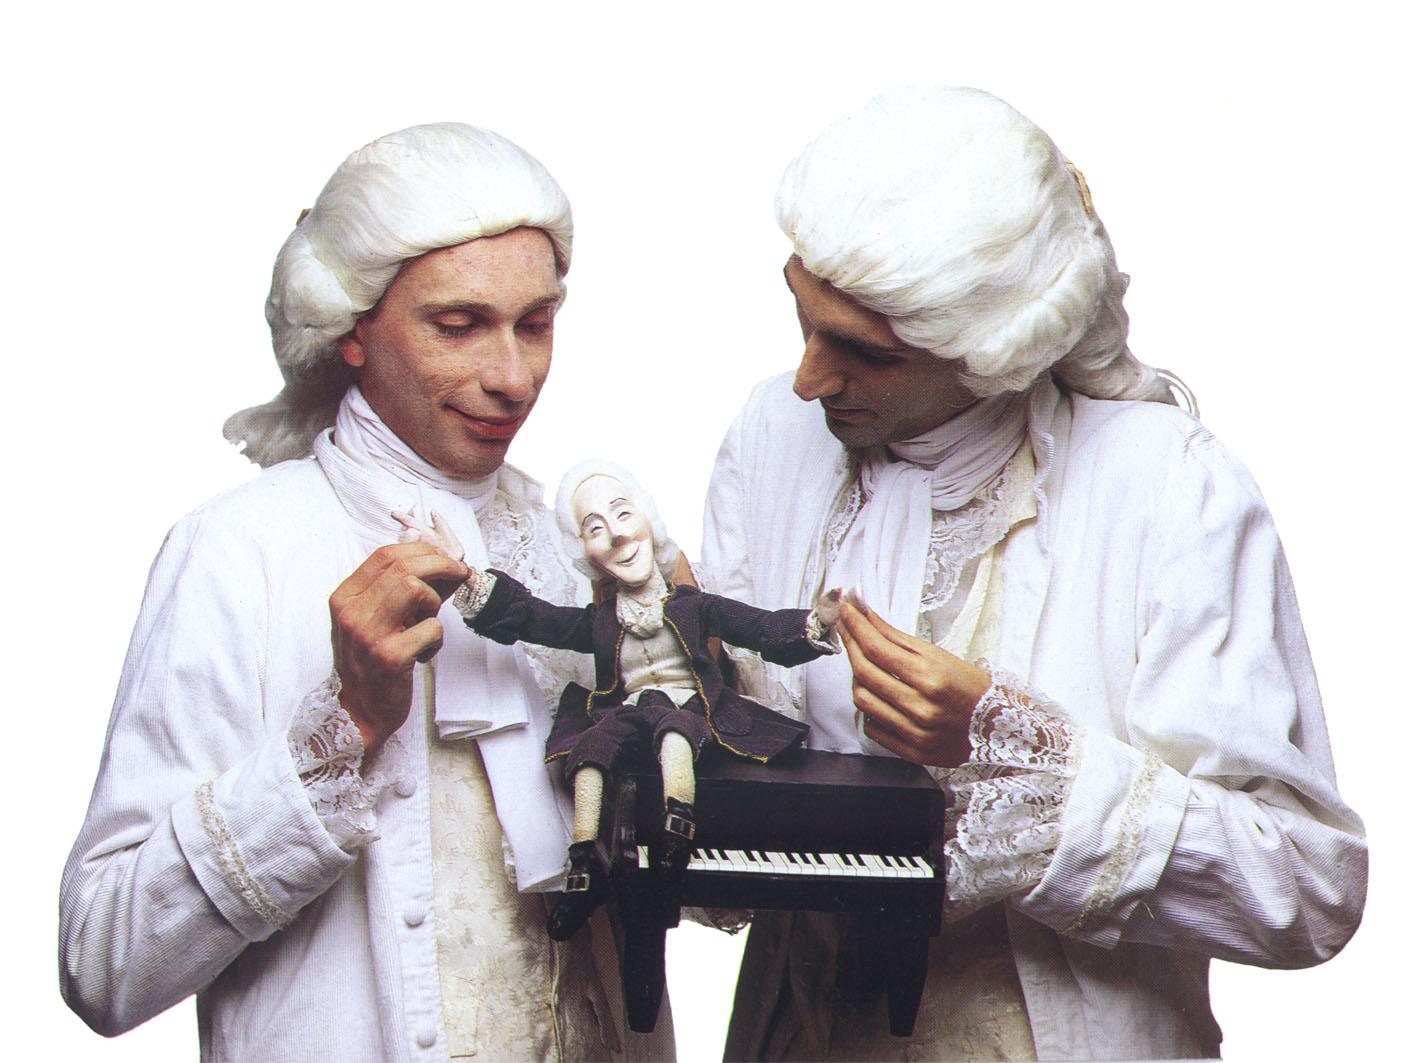 Miguel Vellinho et Luiz André Cherubini dans <em>Mozart Moments</em> (1991) par le Grupo Sobrevento (São Paulo, Brésil), mise en scène : Luiz André Cherubini, conception : Grupo Sobrevento. Collection : Grupo Sobrevento. Photo: Rodrigo Lopes